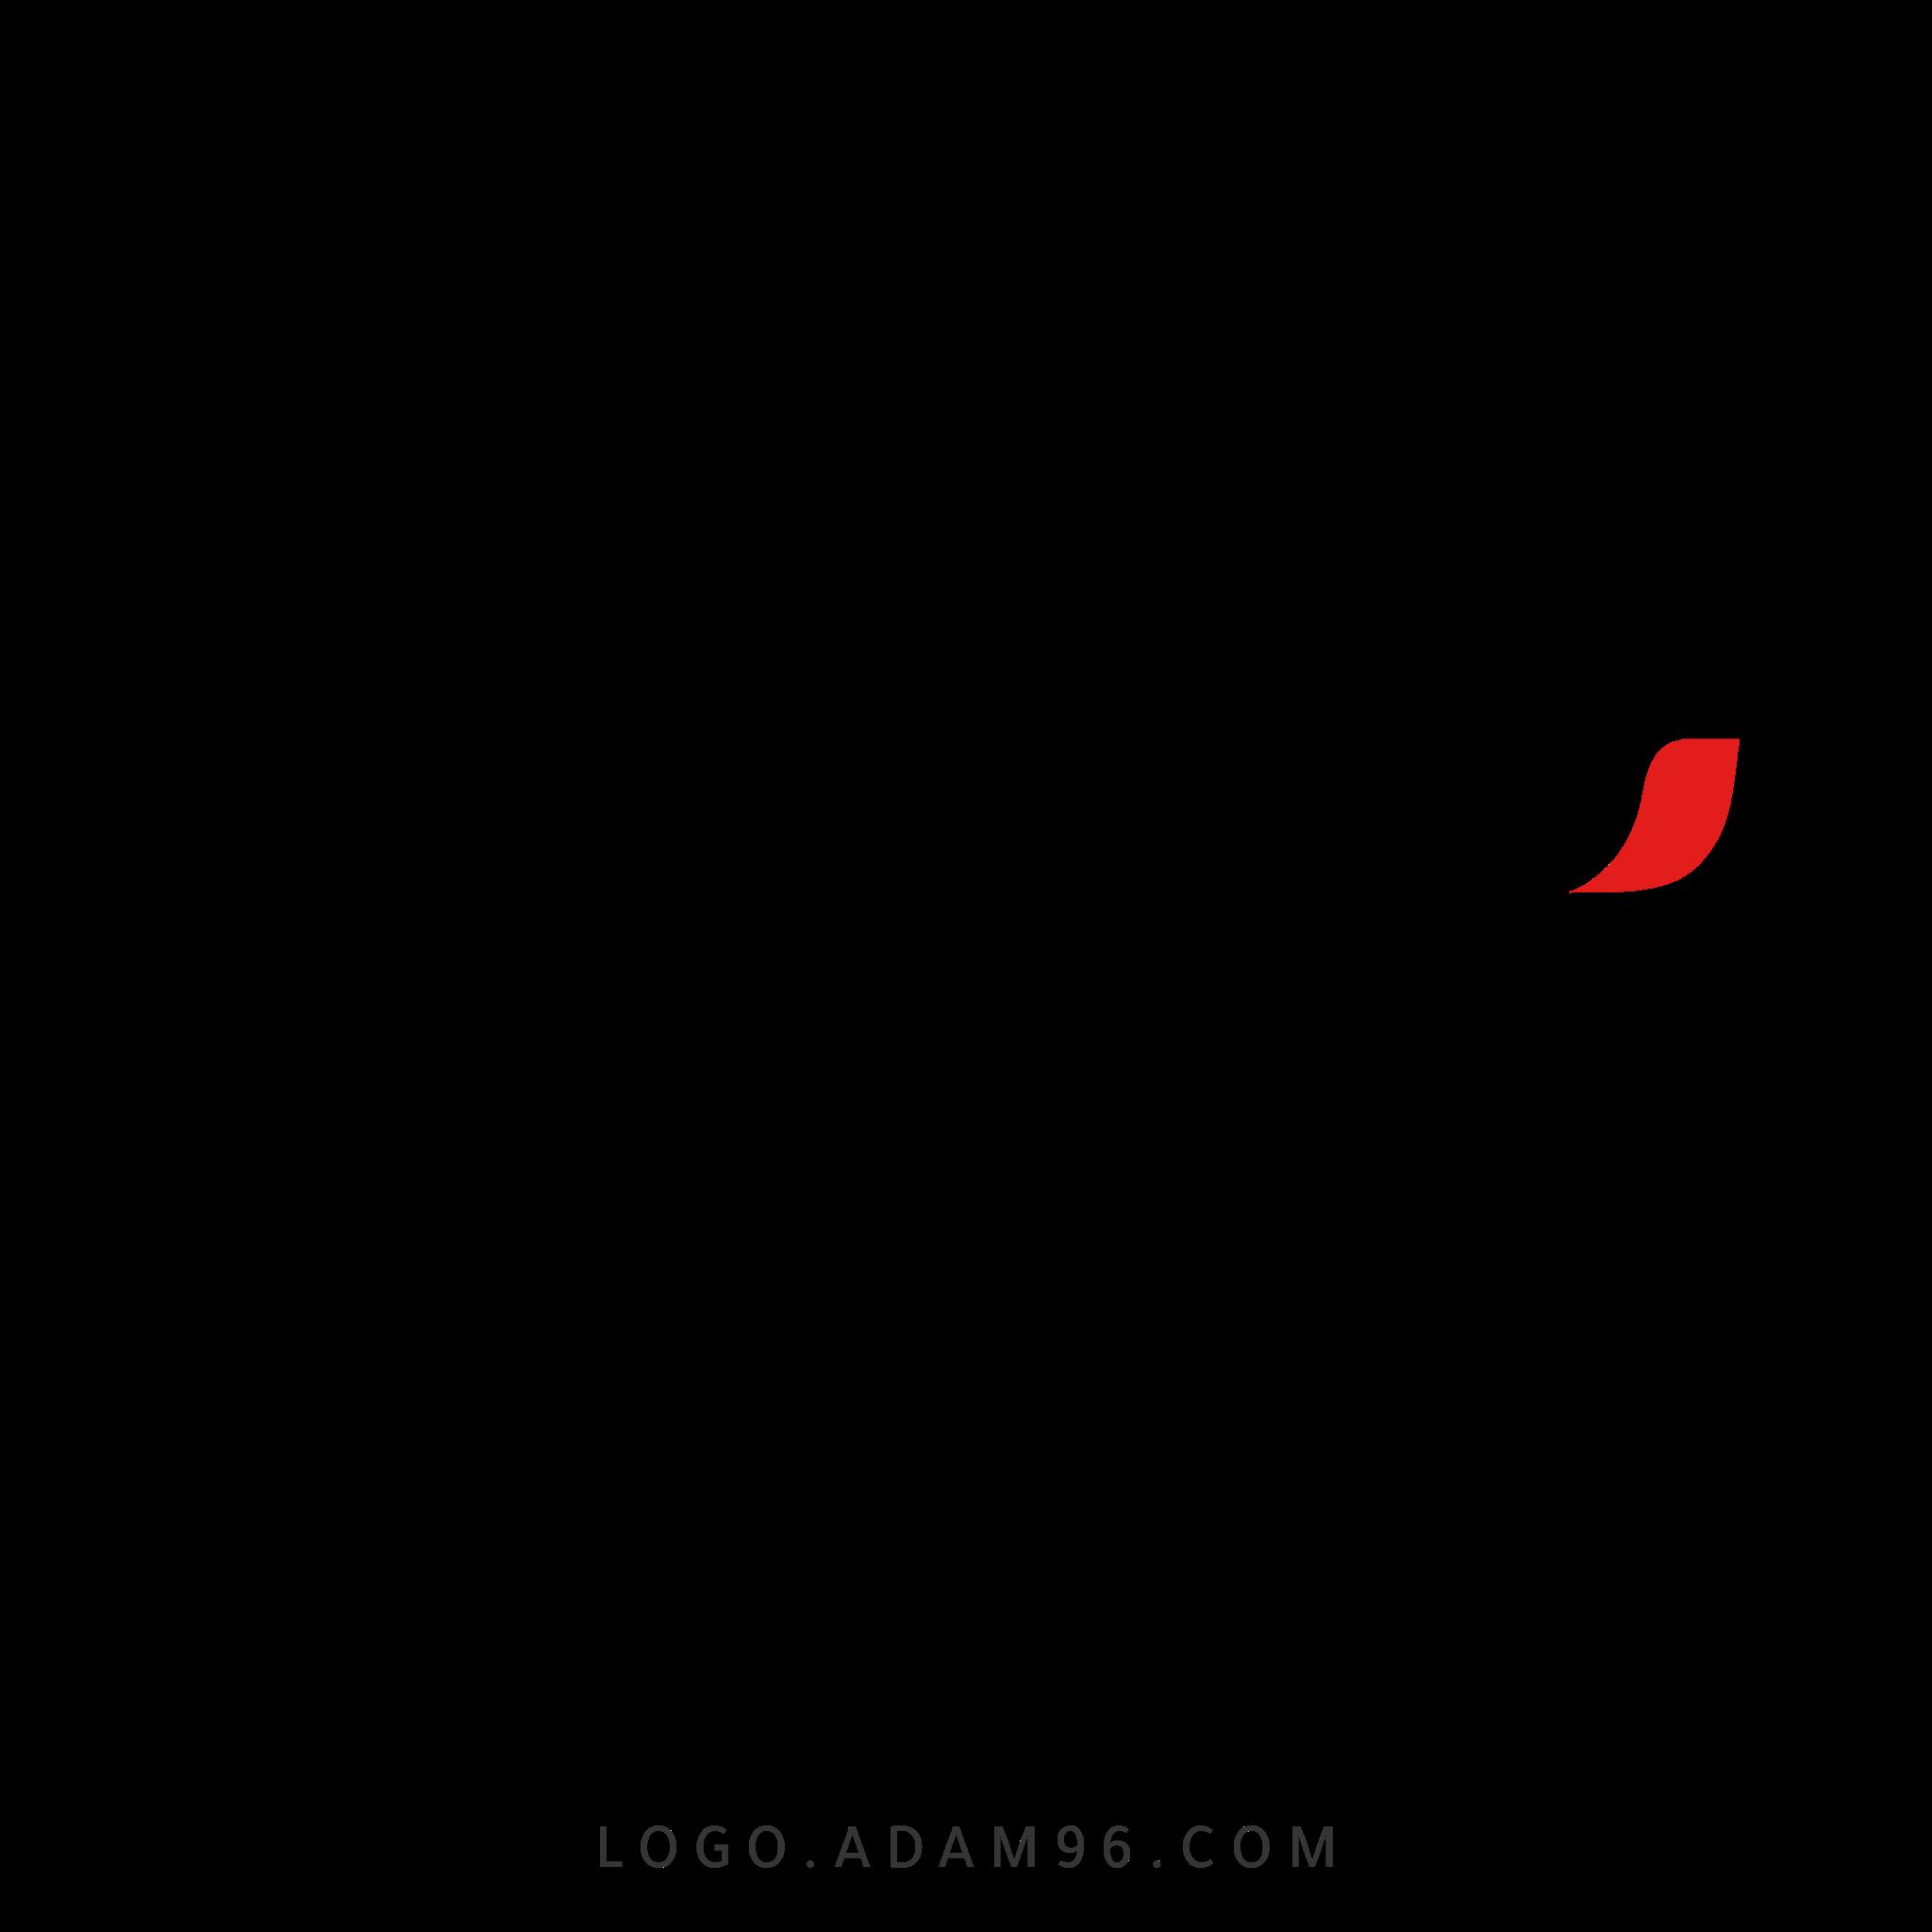 تحميل شعار شركة نسكافيه لوجو رسمي بدقة عالية شفاف Logo Nescafe PNG